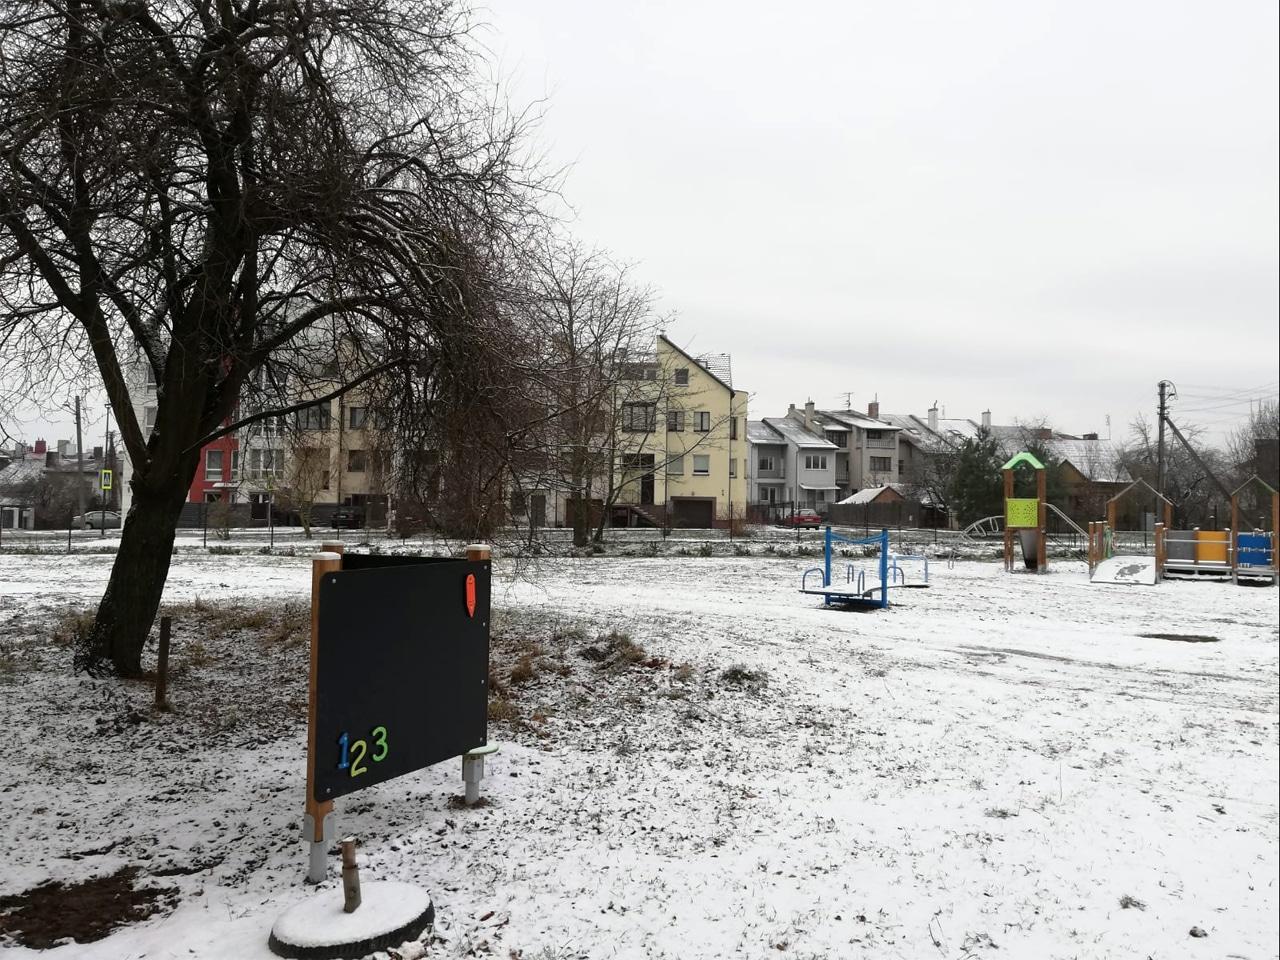 Inklusionsspielplatz Sonderschule Kaunas Spielgeräte